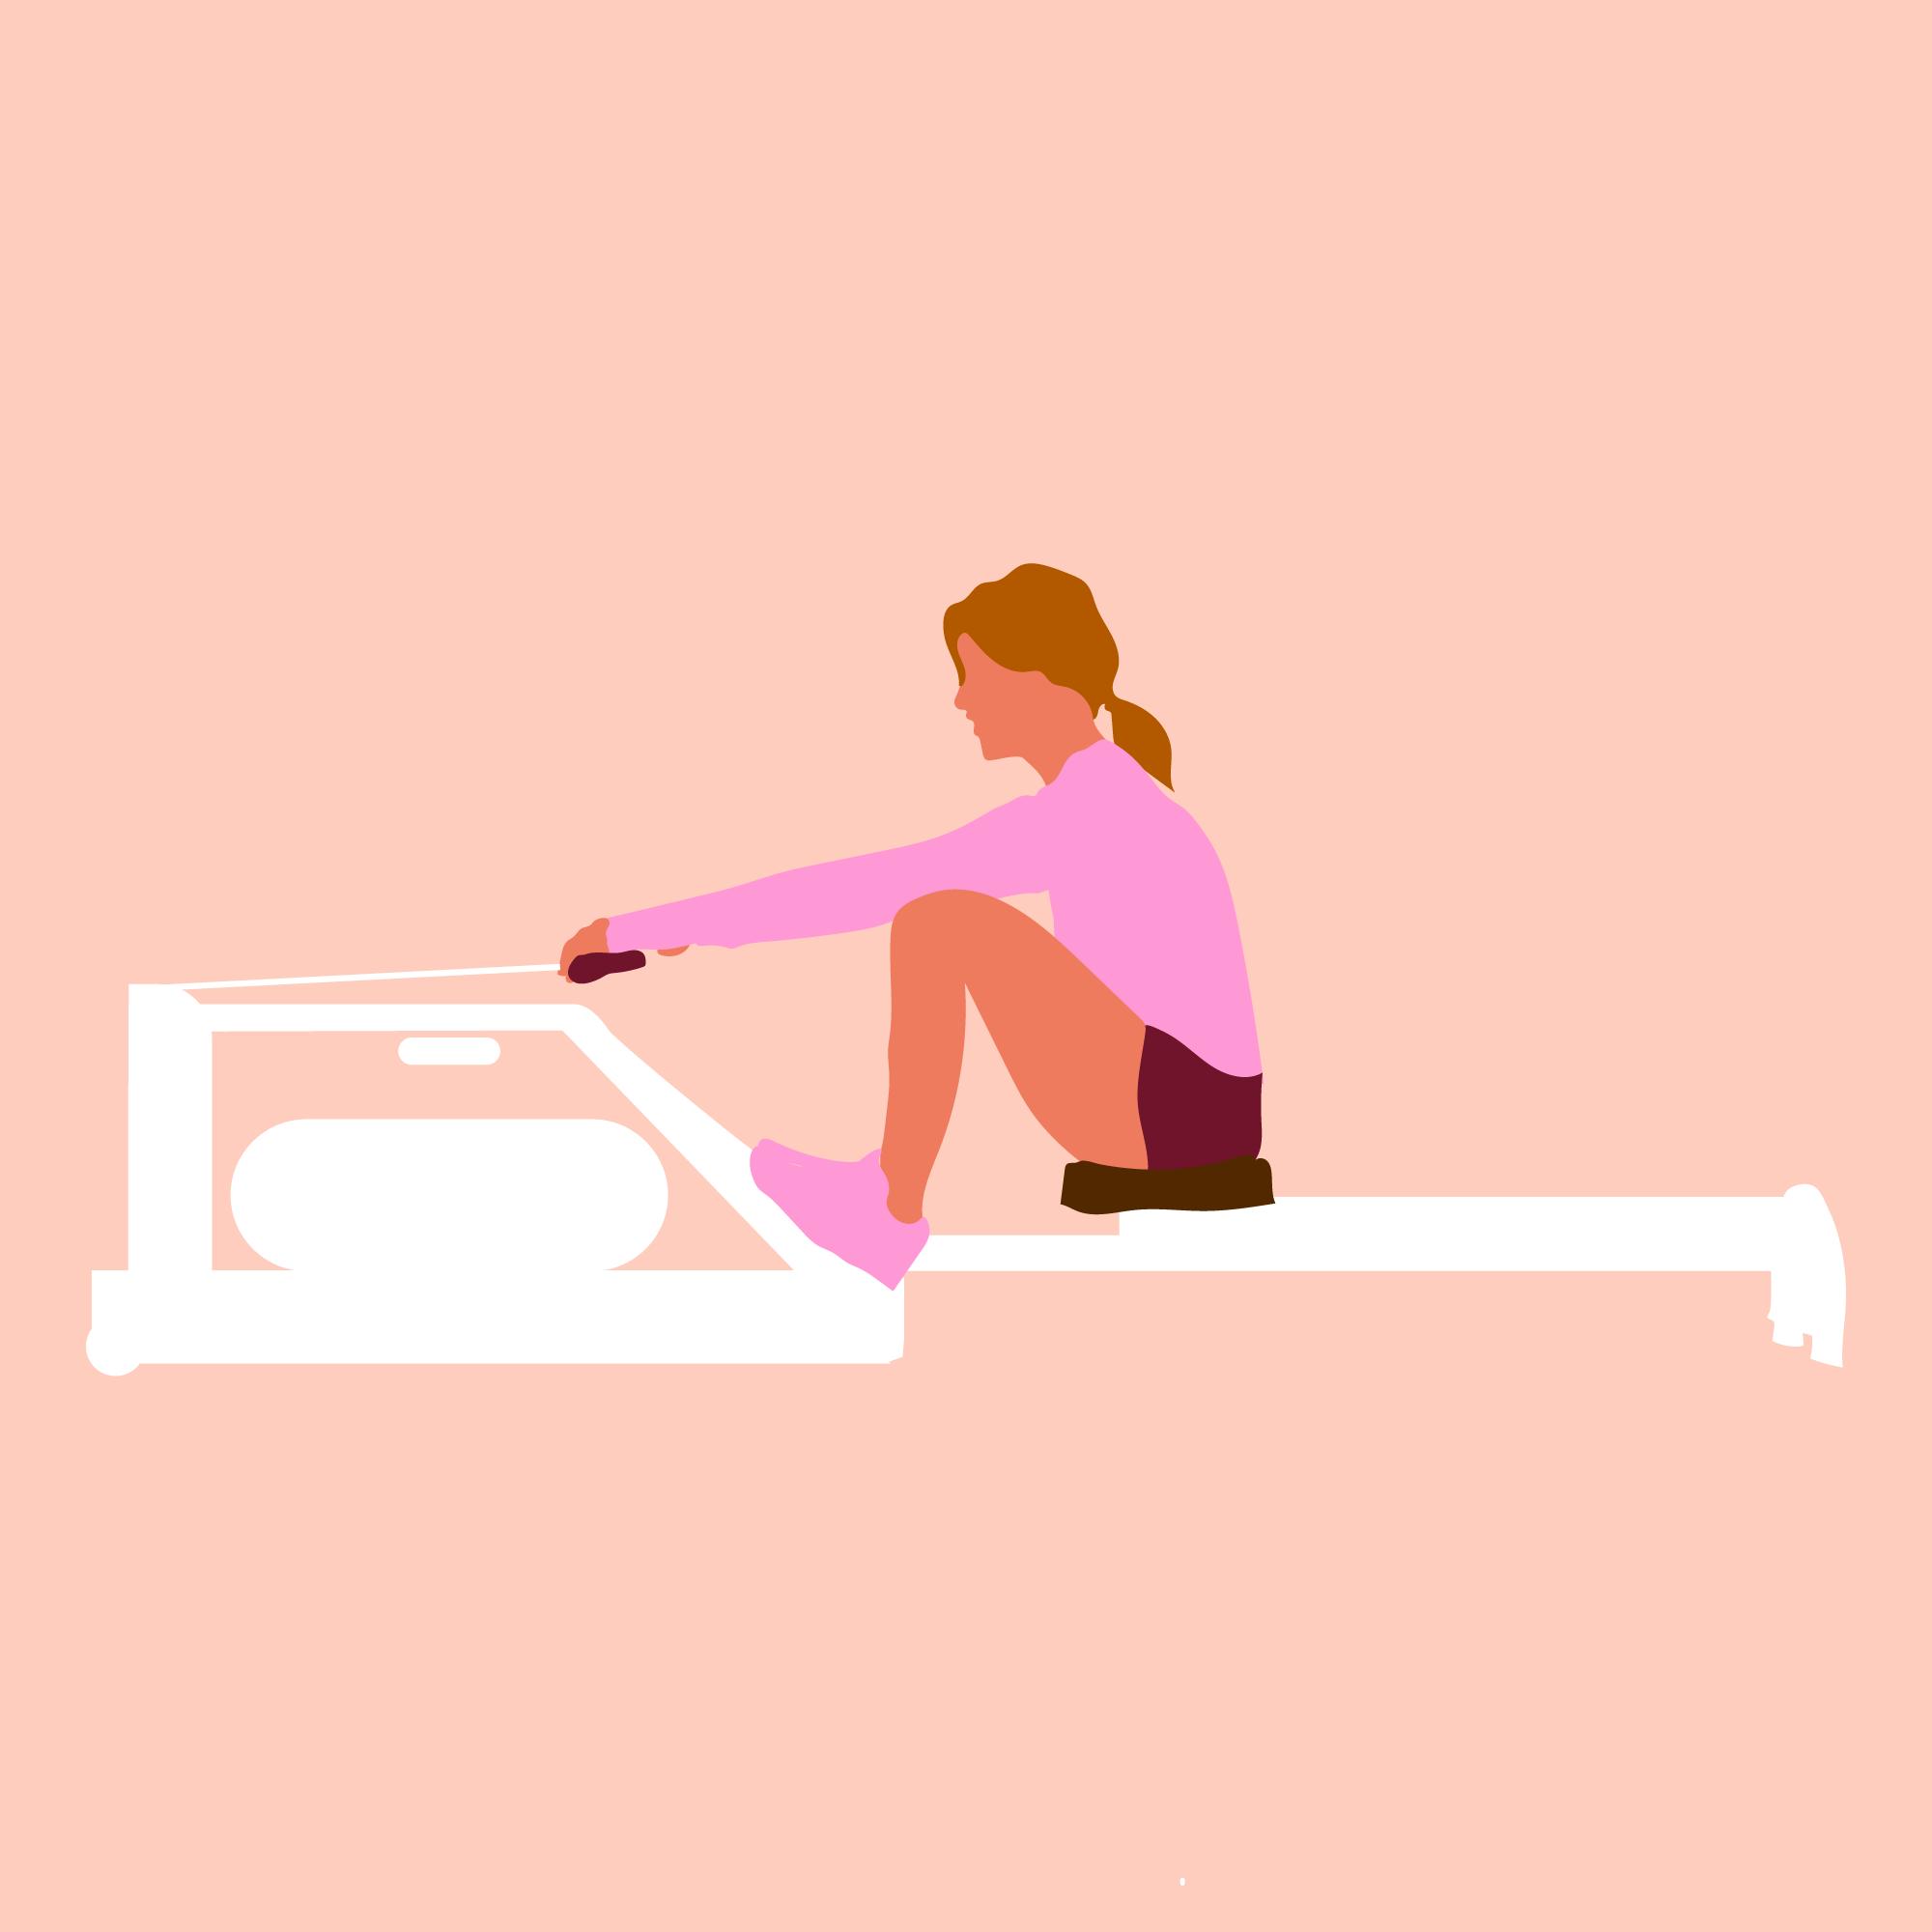 Indoor Rudern Gewichtsverlust Blog